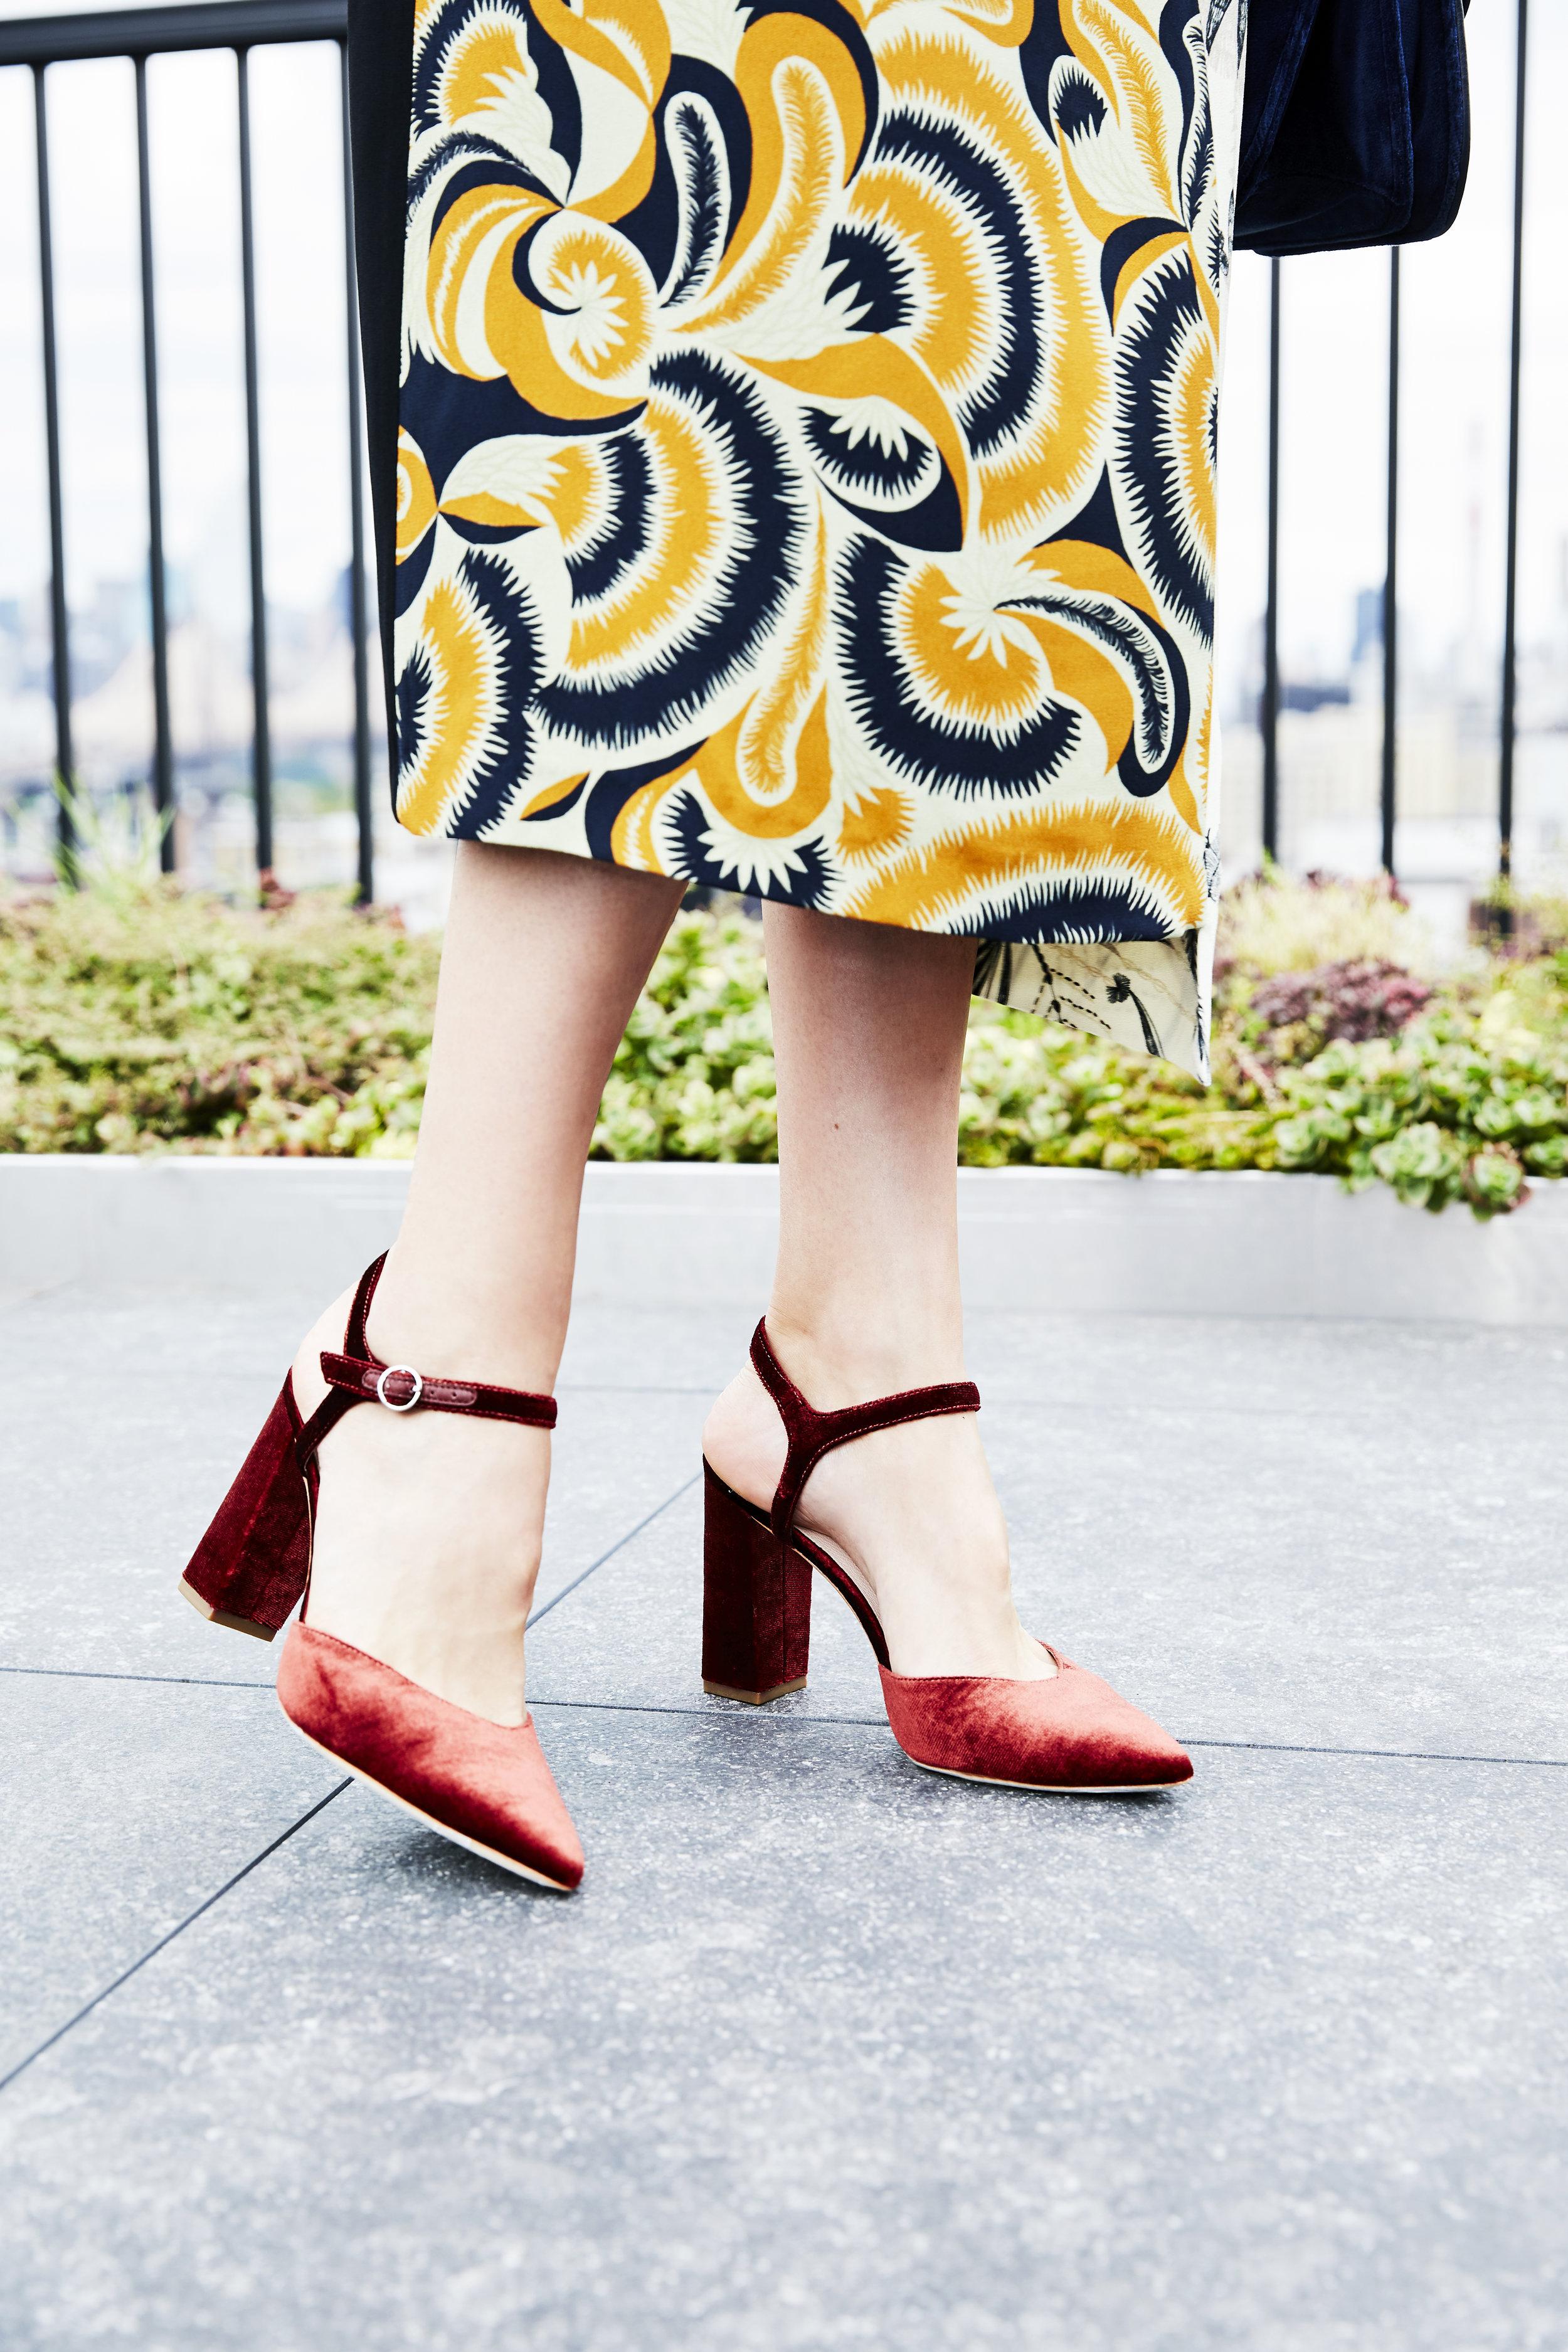 LOEFFLER RANDALL Leily Velvet Pumps  /  DRIES VAN NOTEN Floral & Fern-Print Dress  /  MARK CROSS Dorothy Velvet Shoulder Bag